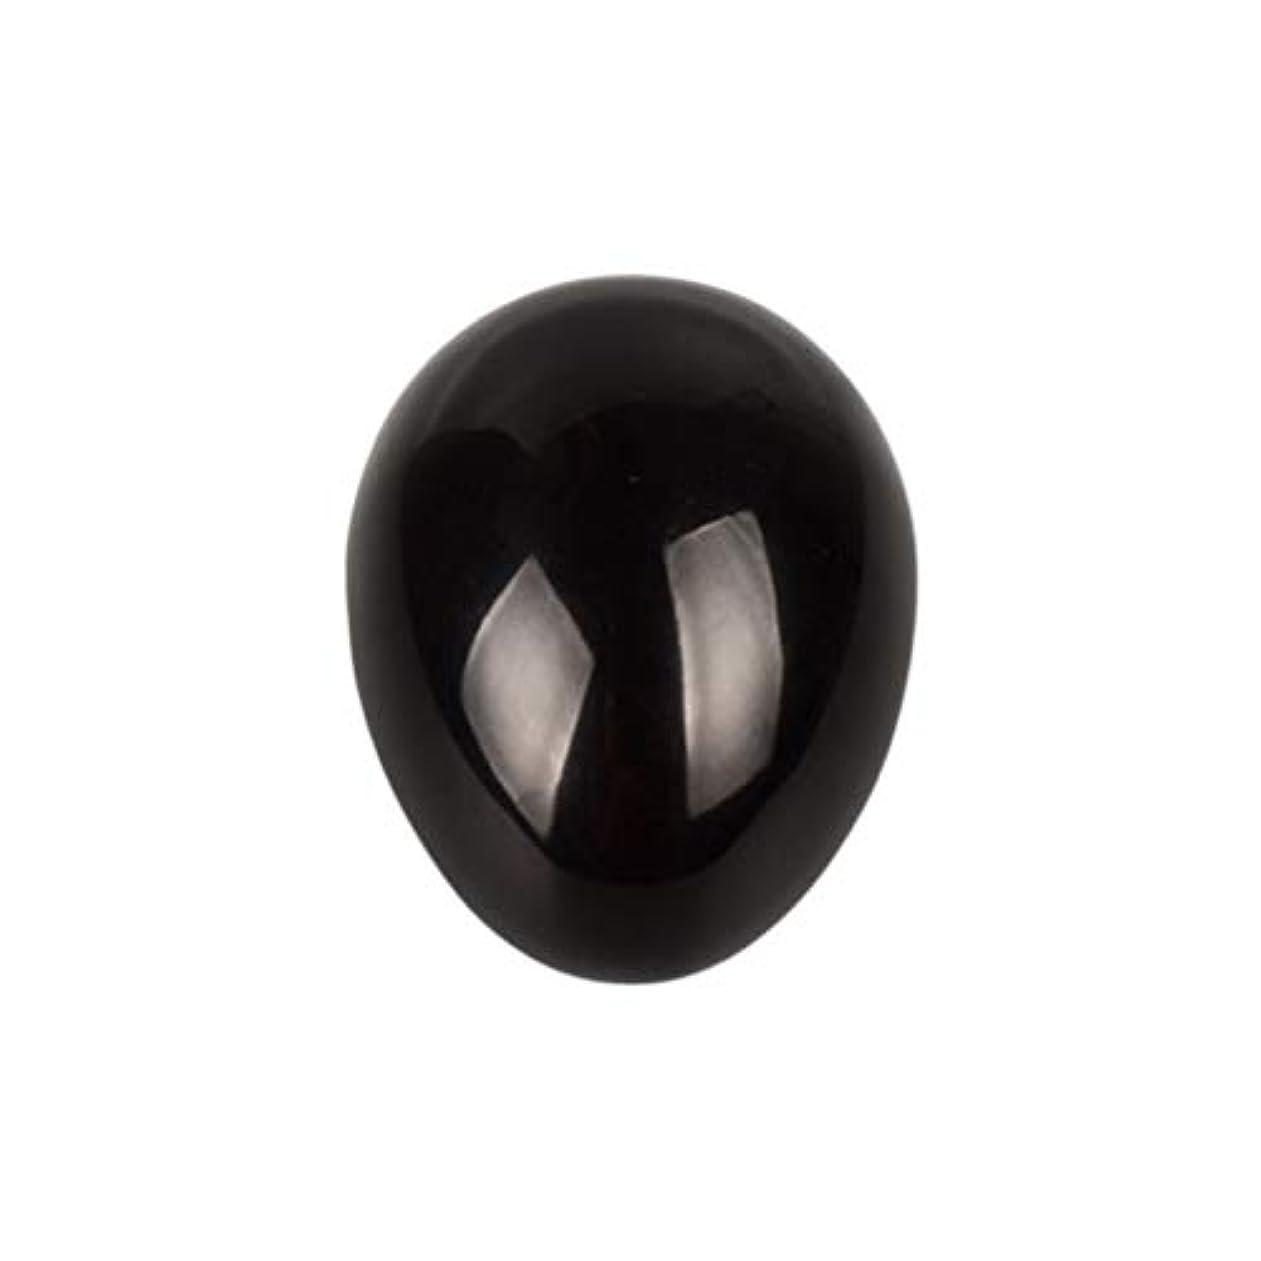 路地尾共感するHEALIFTY 黒曜石の癒し瞑想のための黒曜石の卵球